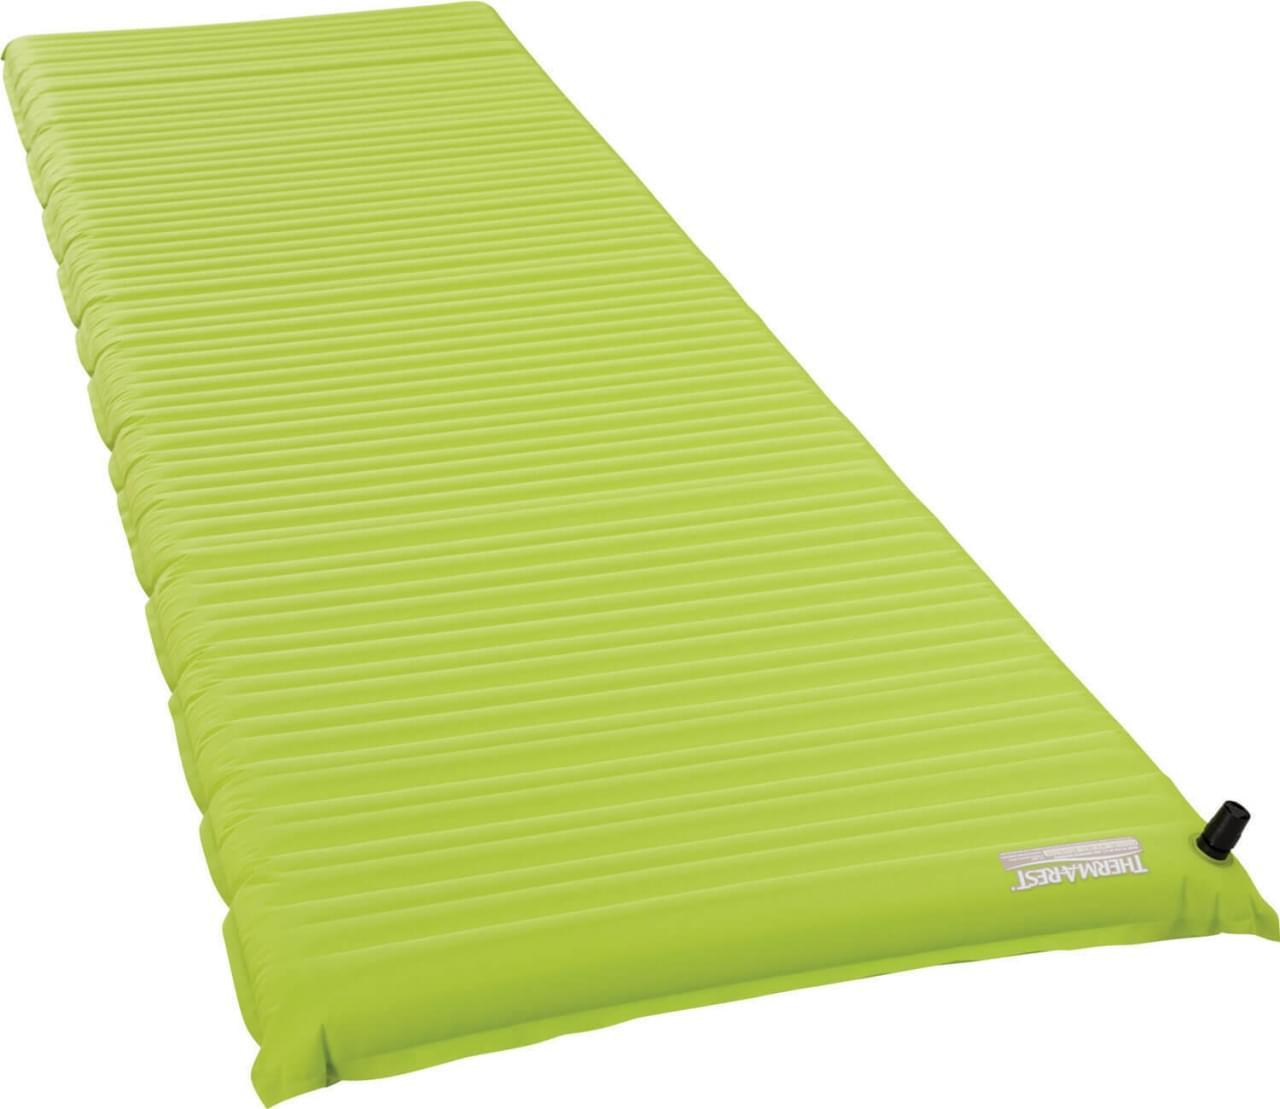 Therm-A-Rest NeoAir Venture Large Slaapmat